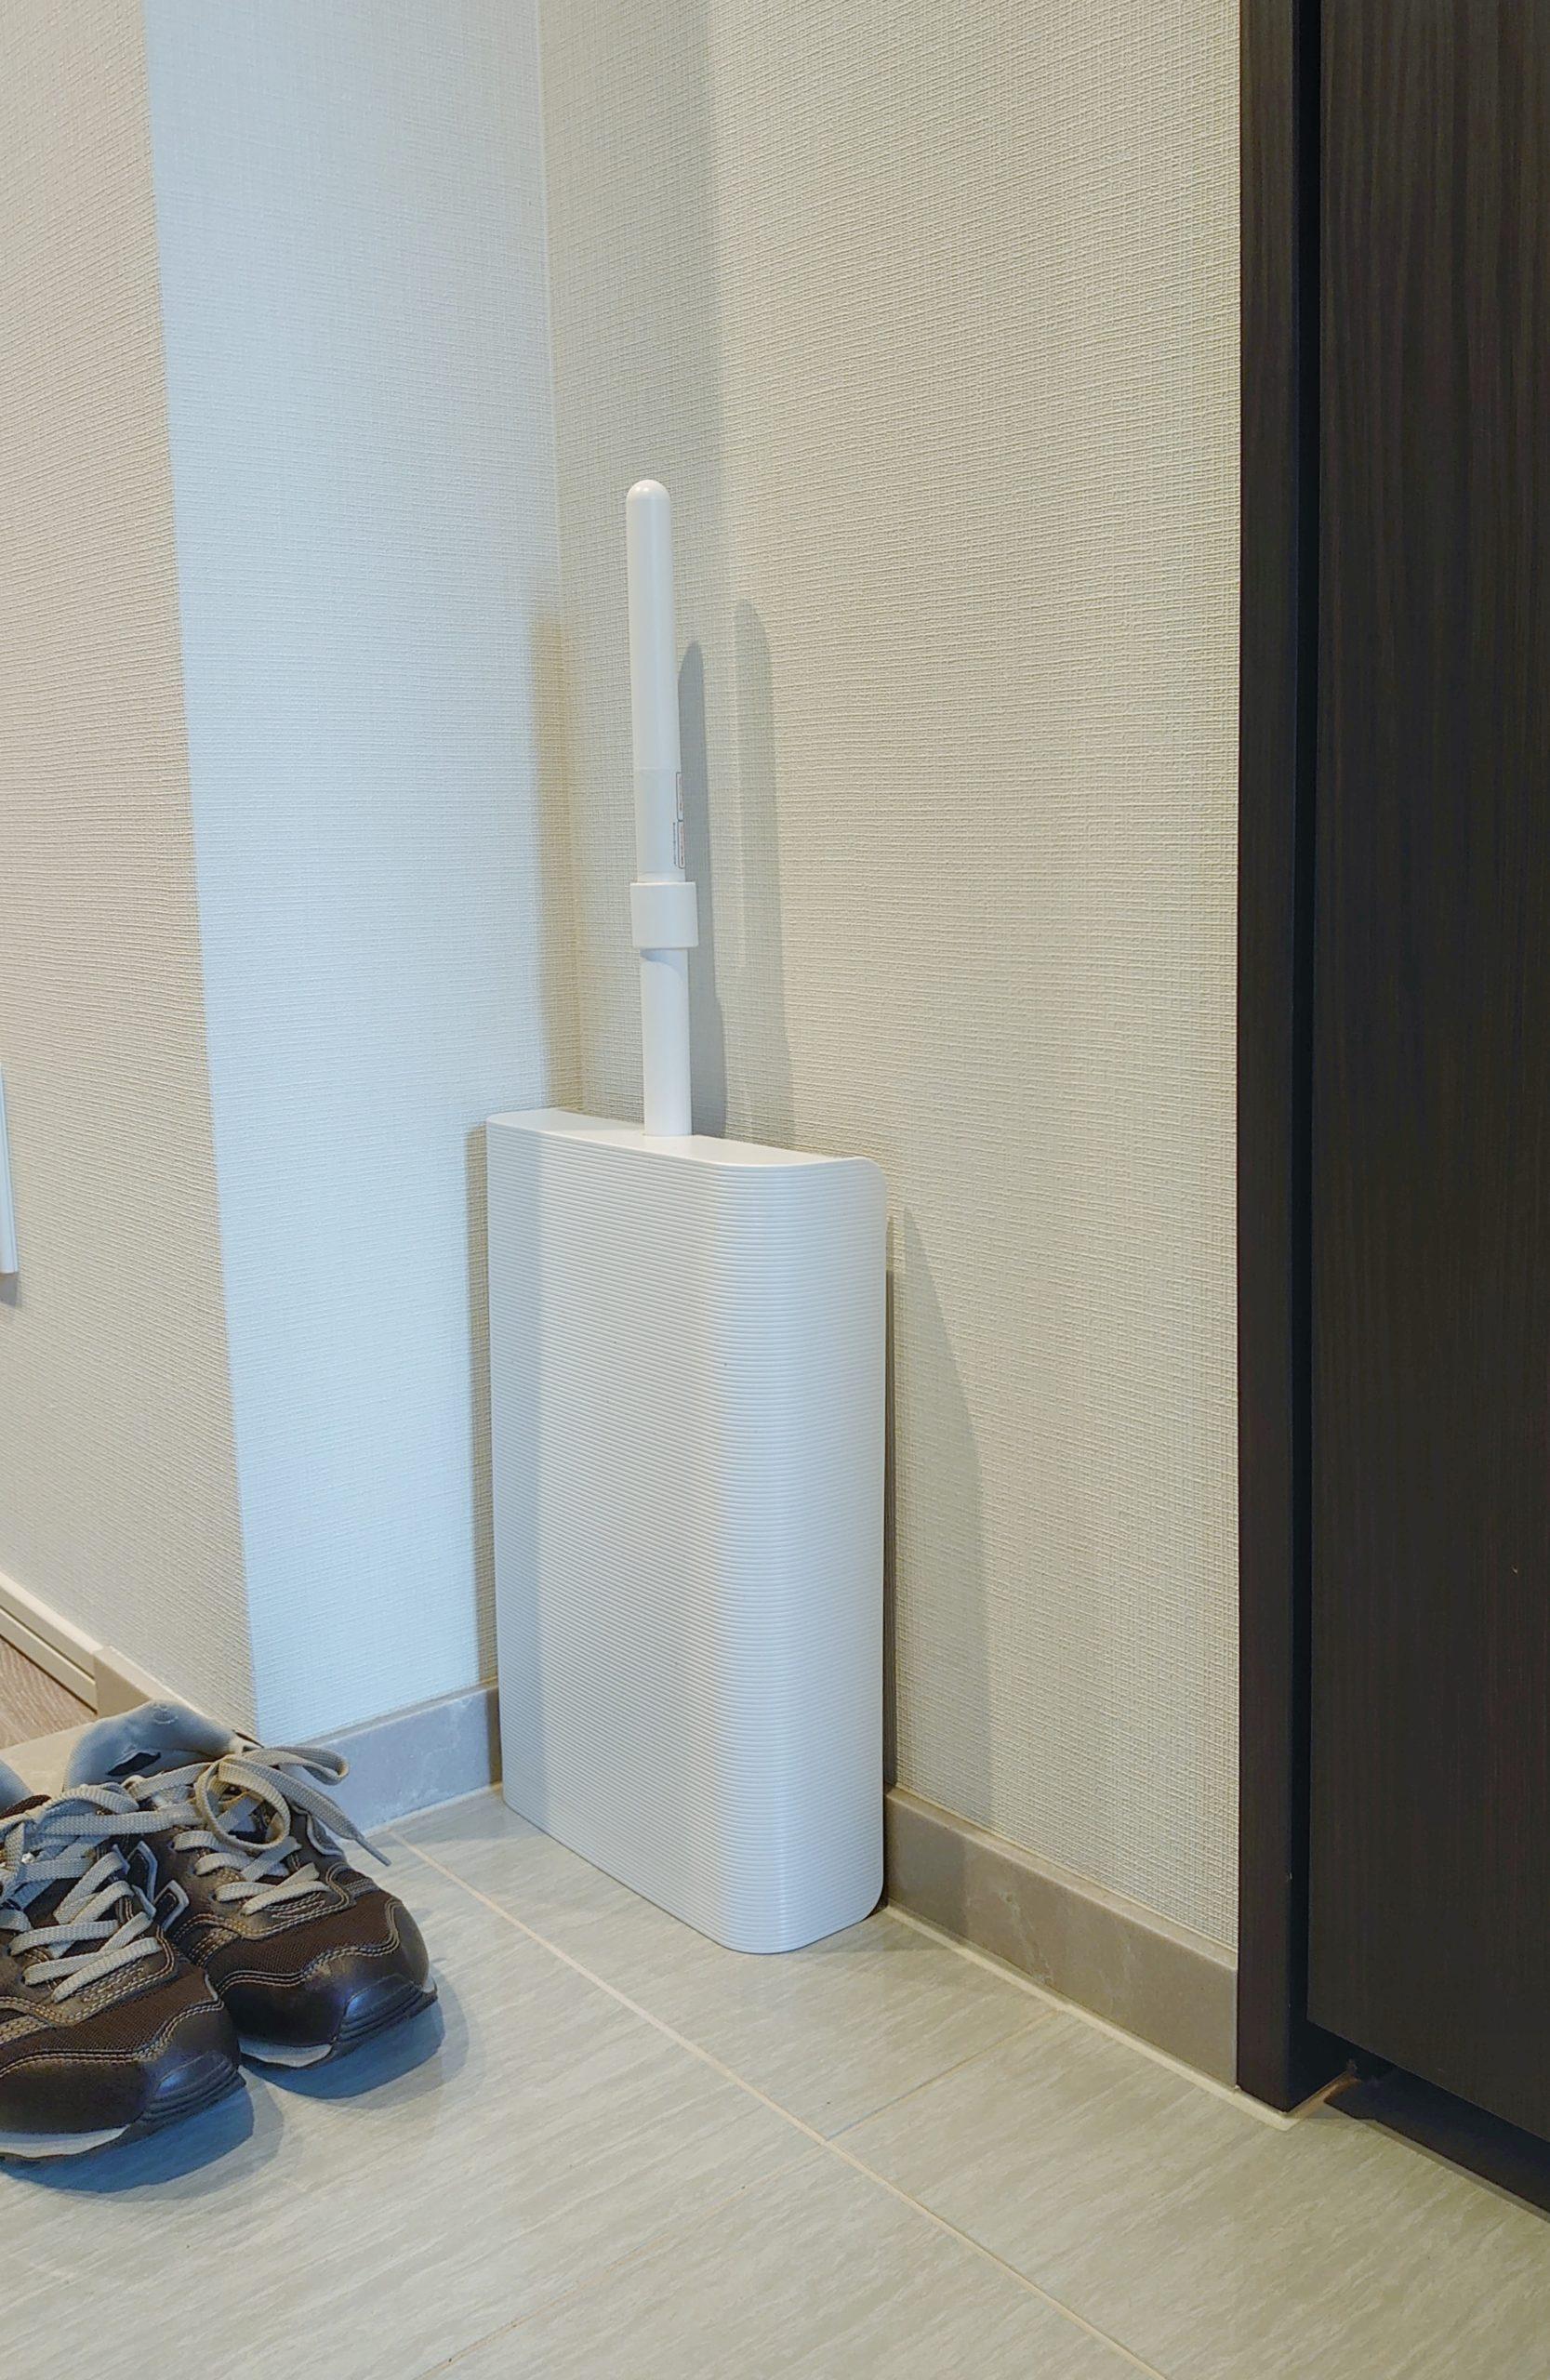 ベランダ用の掃除道具はデザイン賞受賞作品でスタイリッシュに風水を